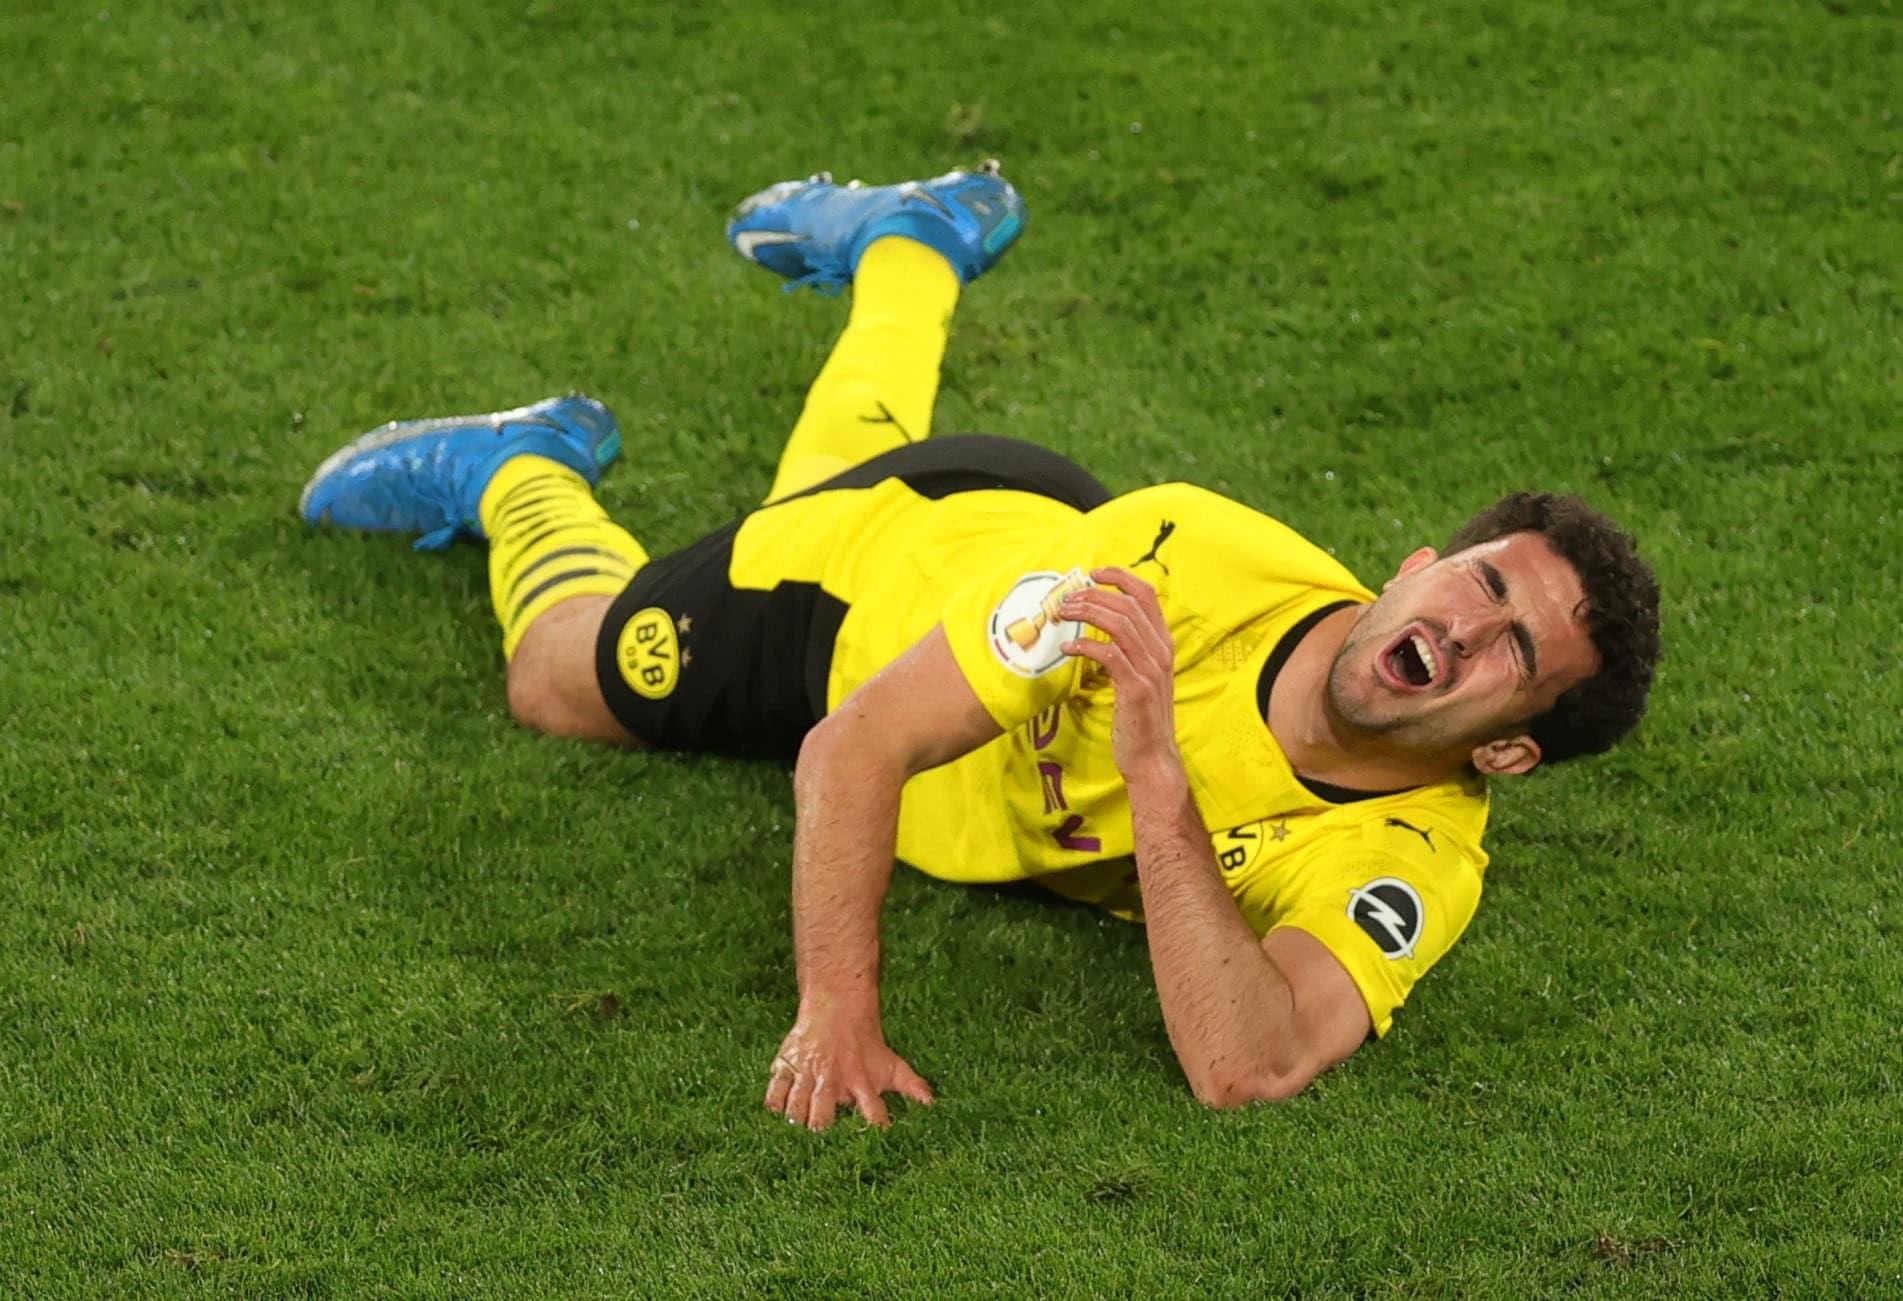 """""""شاهد"""" أثناء اعتراضه الكرة .. مدافع دورتموند الألماني يتعرض لإصابة مروعة وقاسية"""